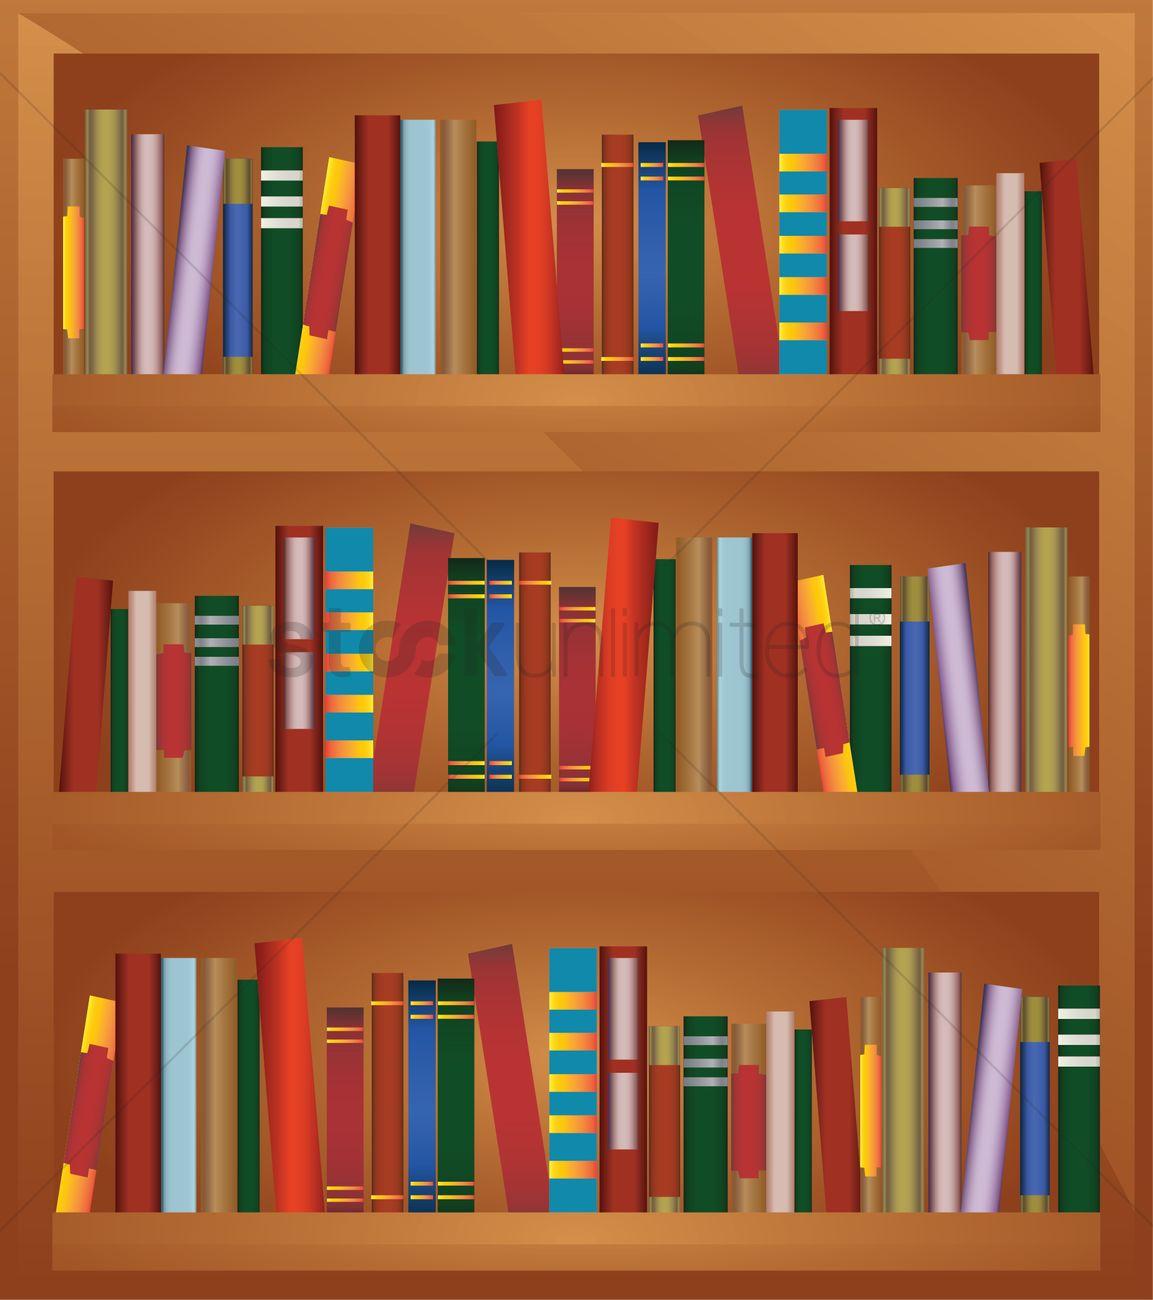 Bookshelf full of books Vector Image - 1238903 ...